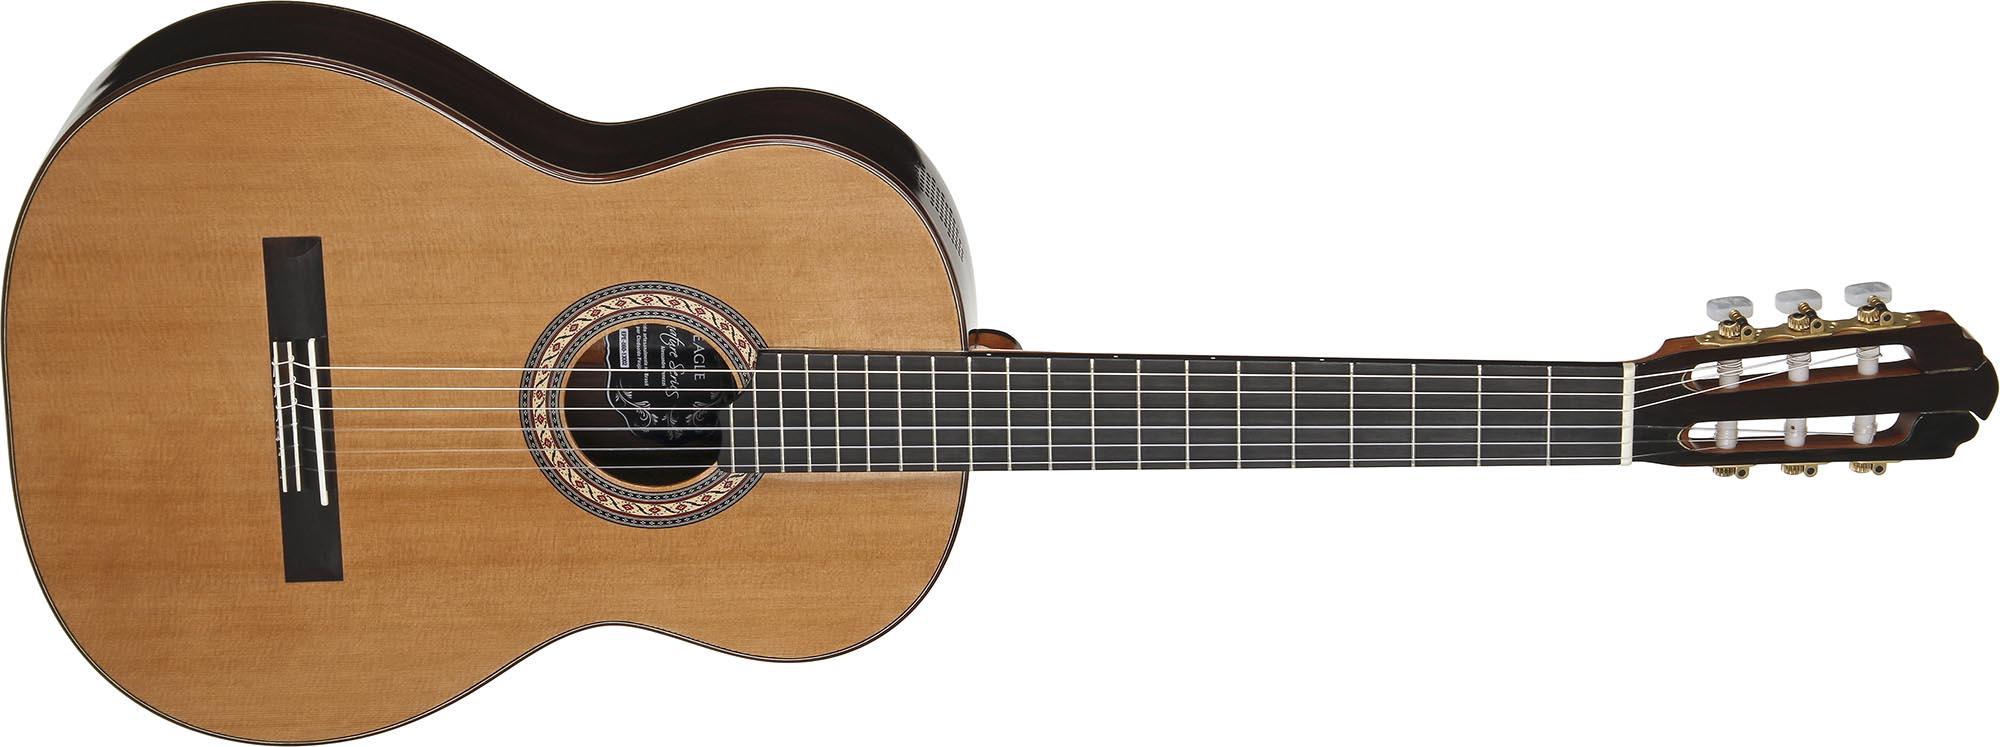 epe860 violao classico luthier eagle signature series alessandro penezzi epe860 visao frontal